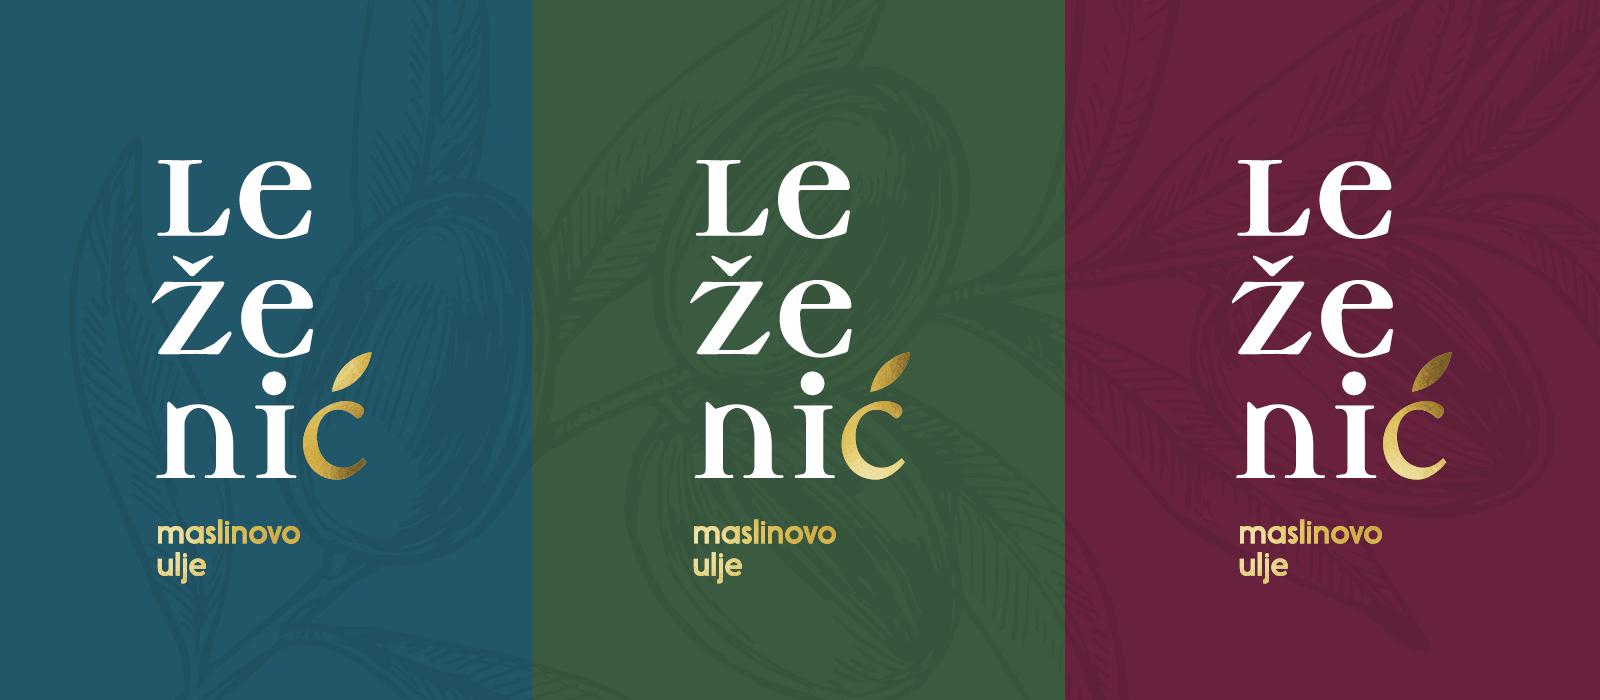 Brand identity of Leženić olive oil